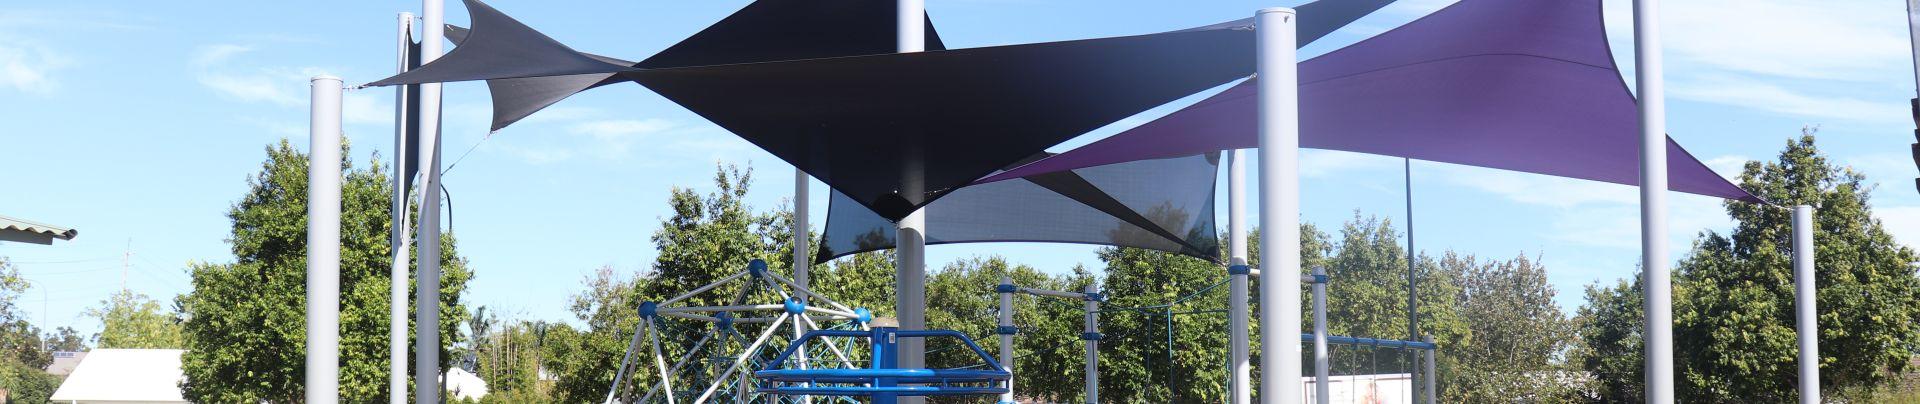 Westaway Park IMG_6938